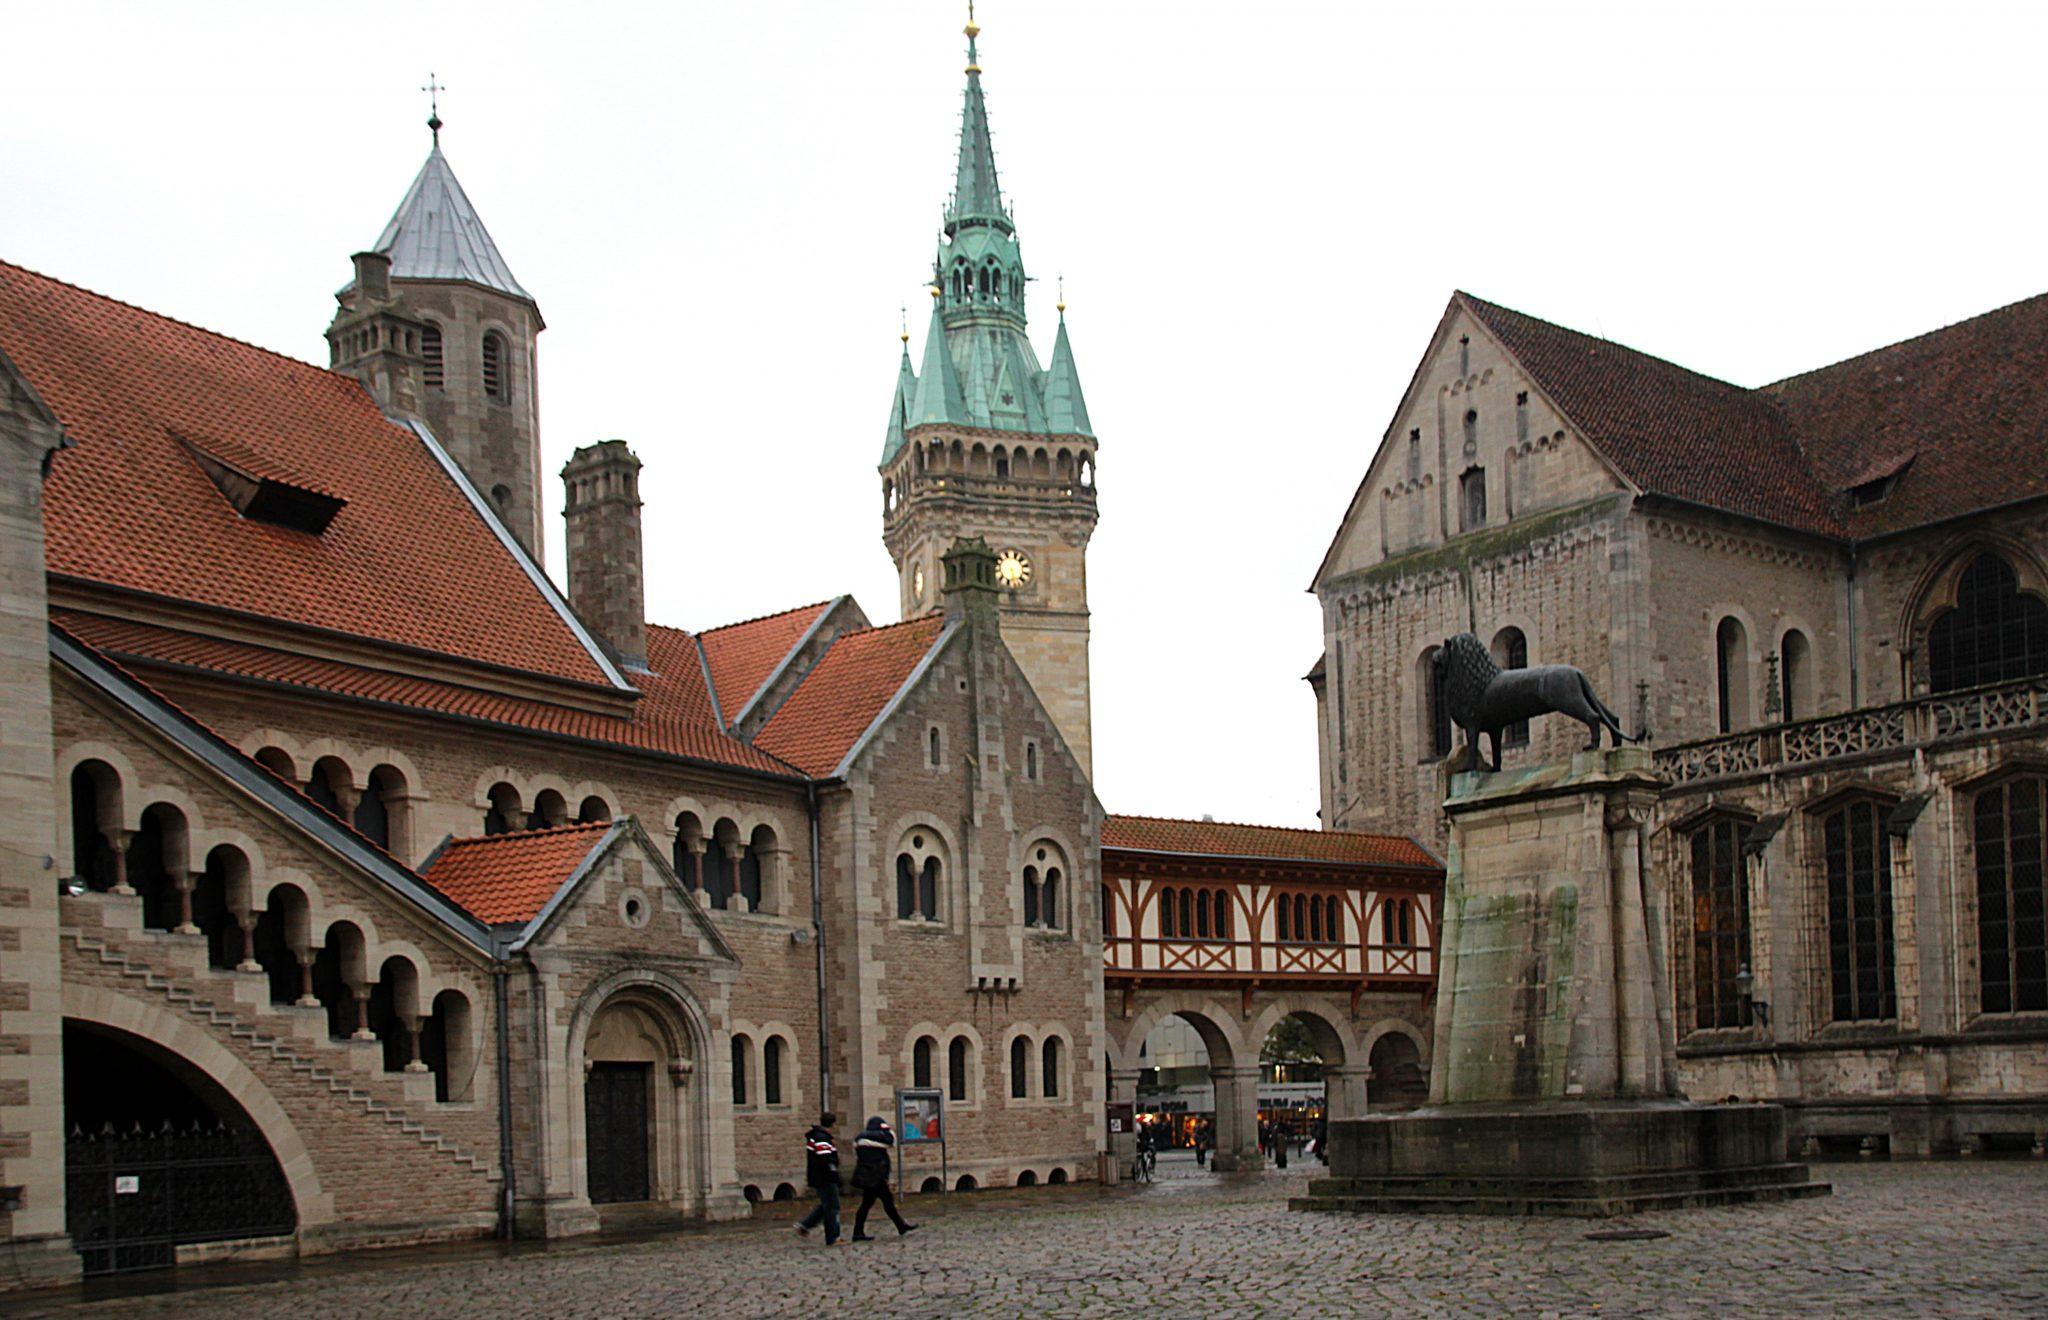 Sightseeing Braunschweig Verführung Der Sehenswürdigkeiten